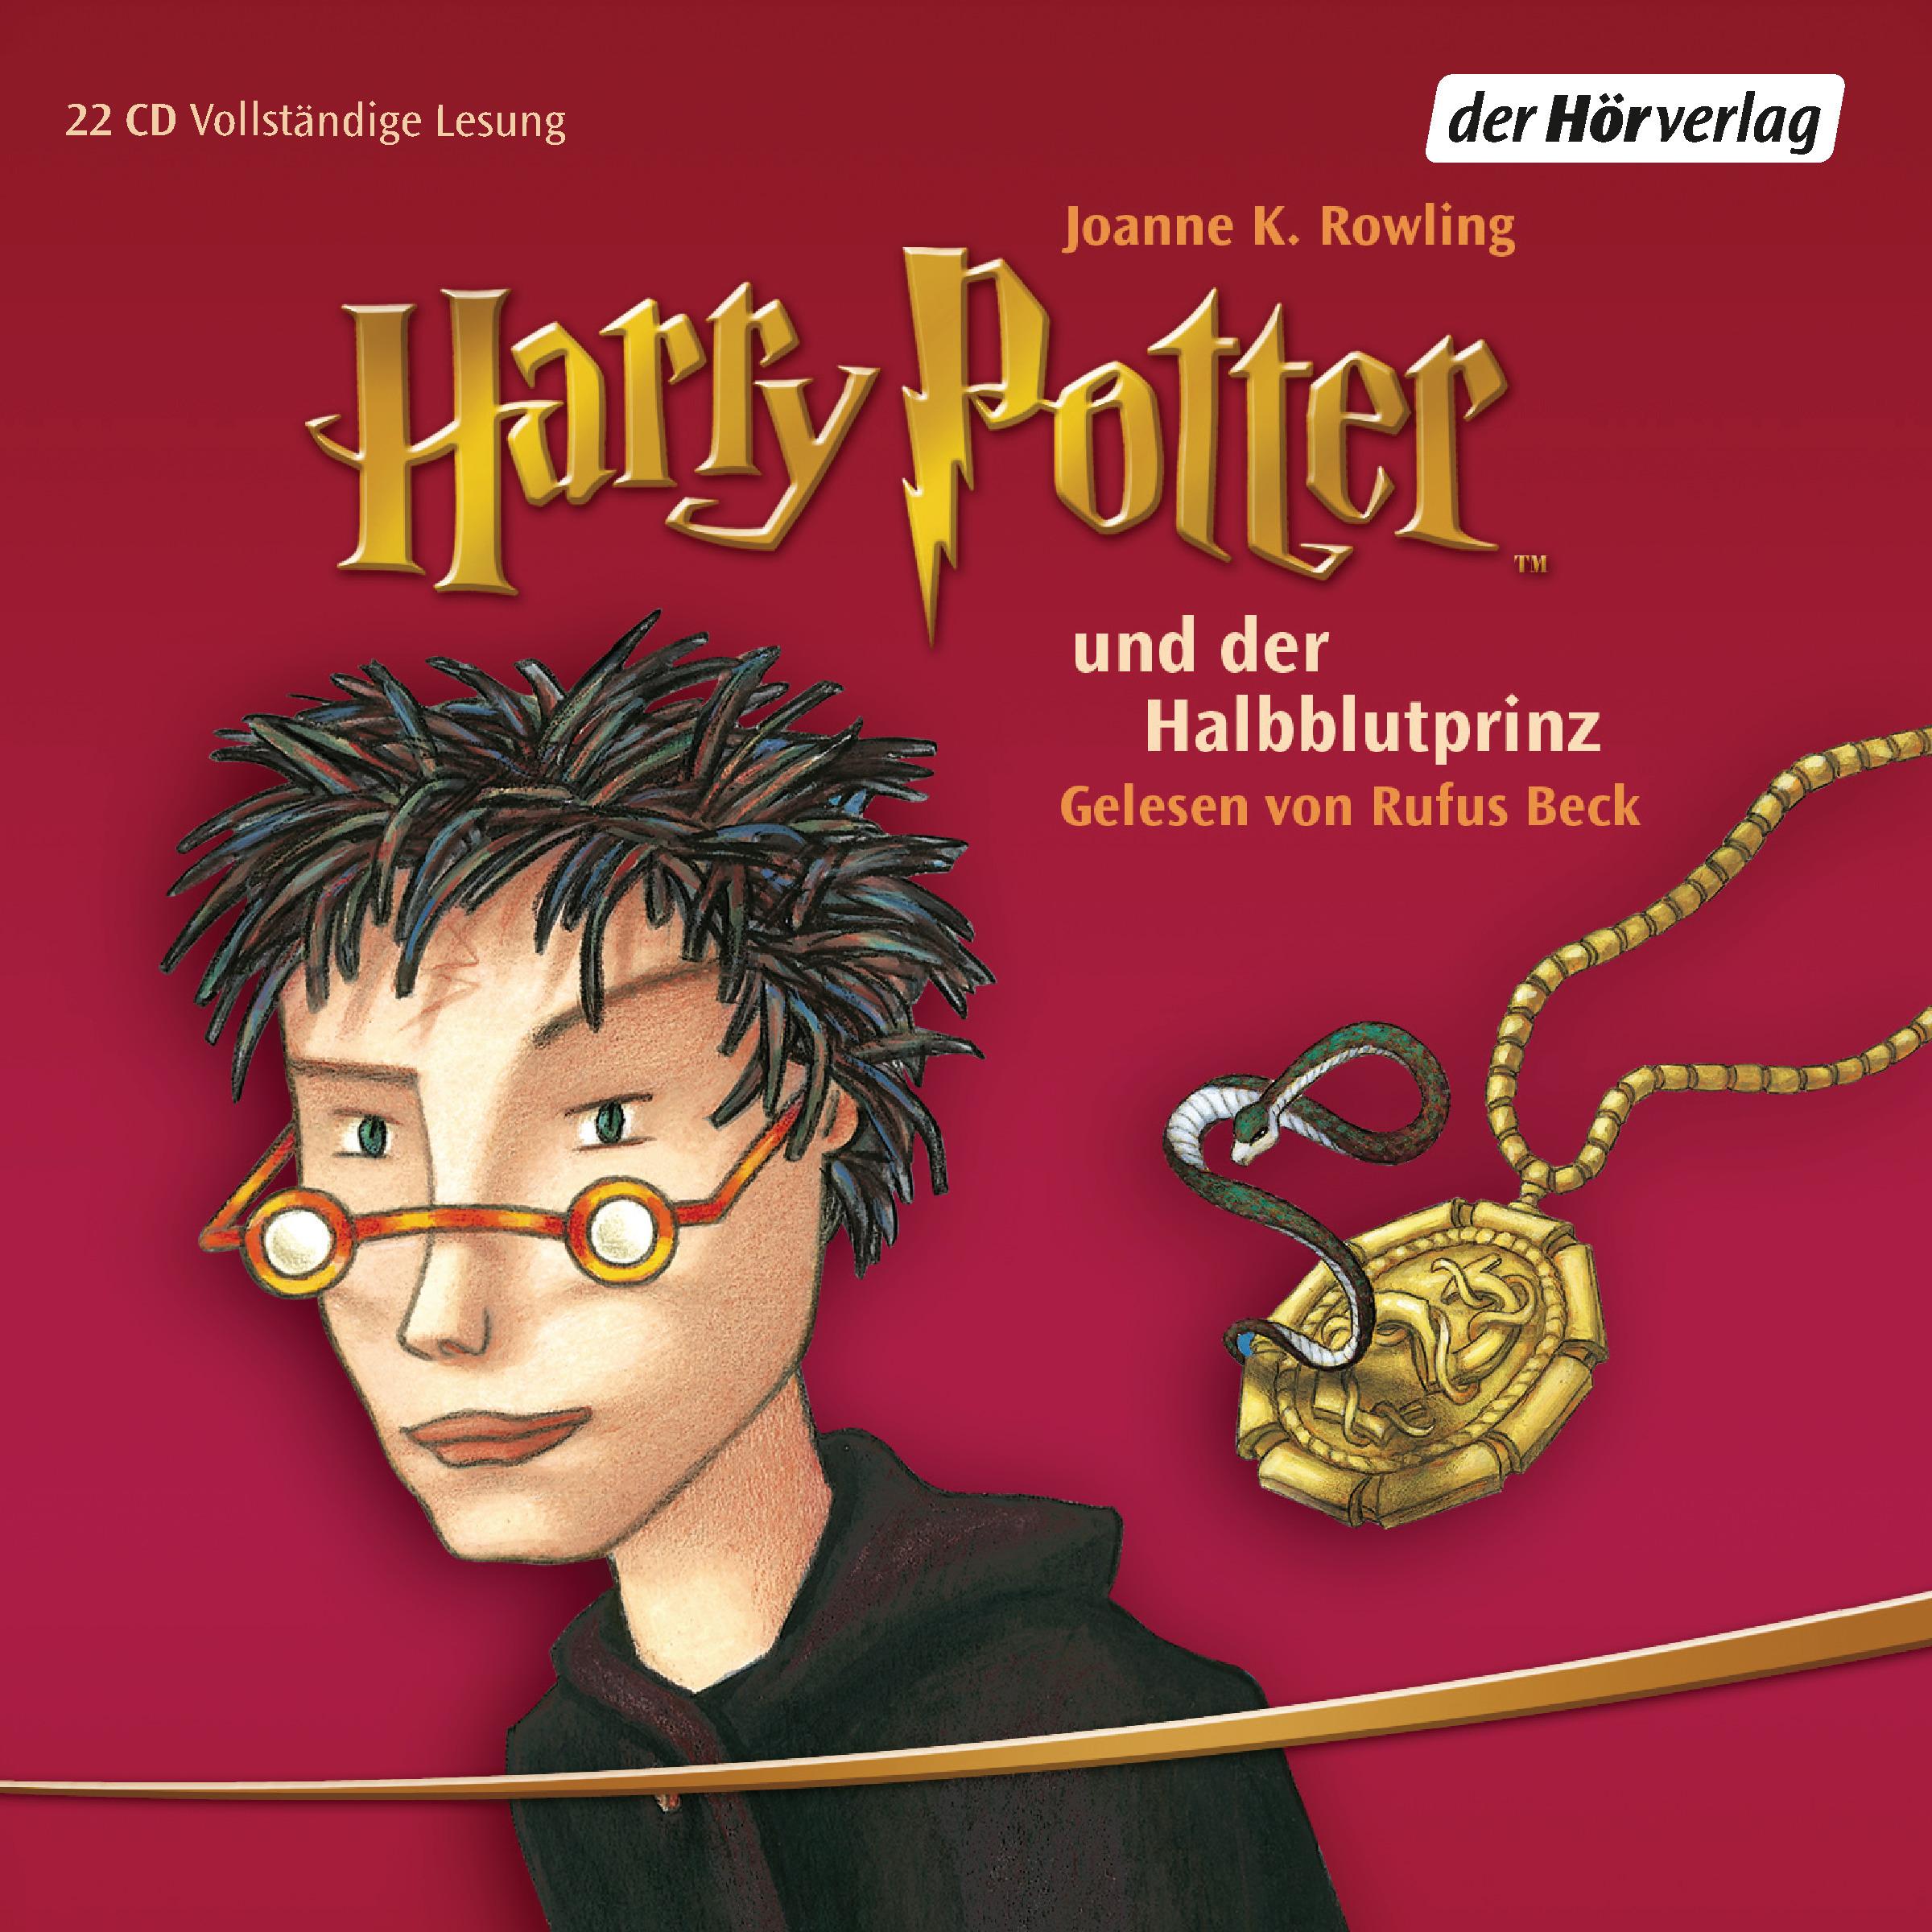 Harry Potter 6 und der Halbblutprinz: Gelesen von Rufus Beck - Joanne K. Rowling